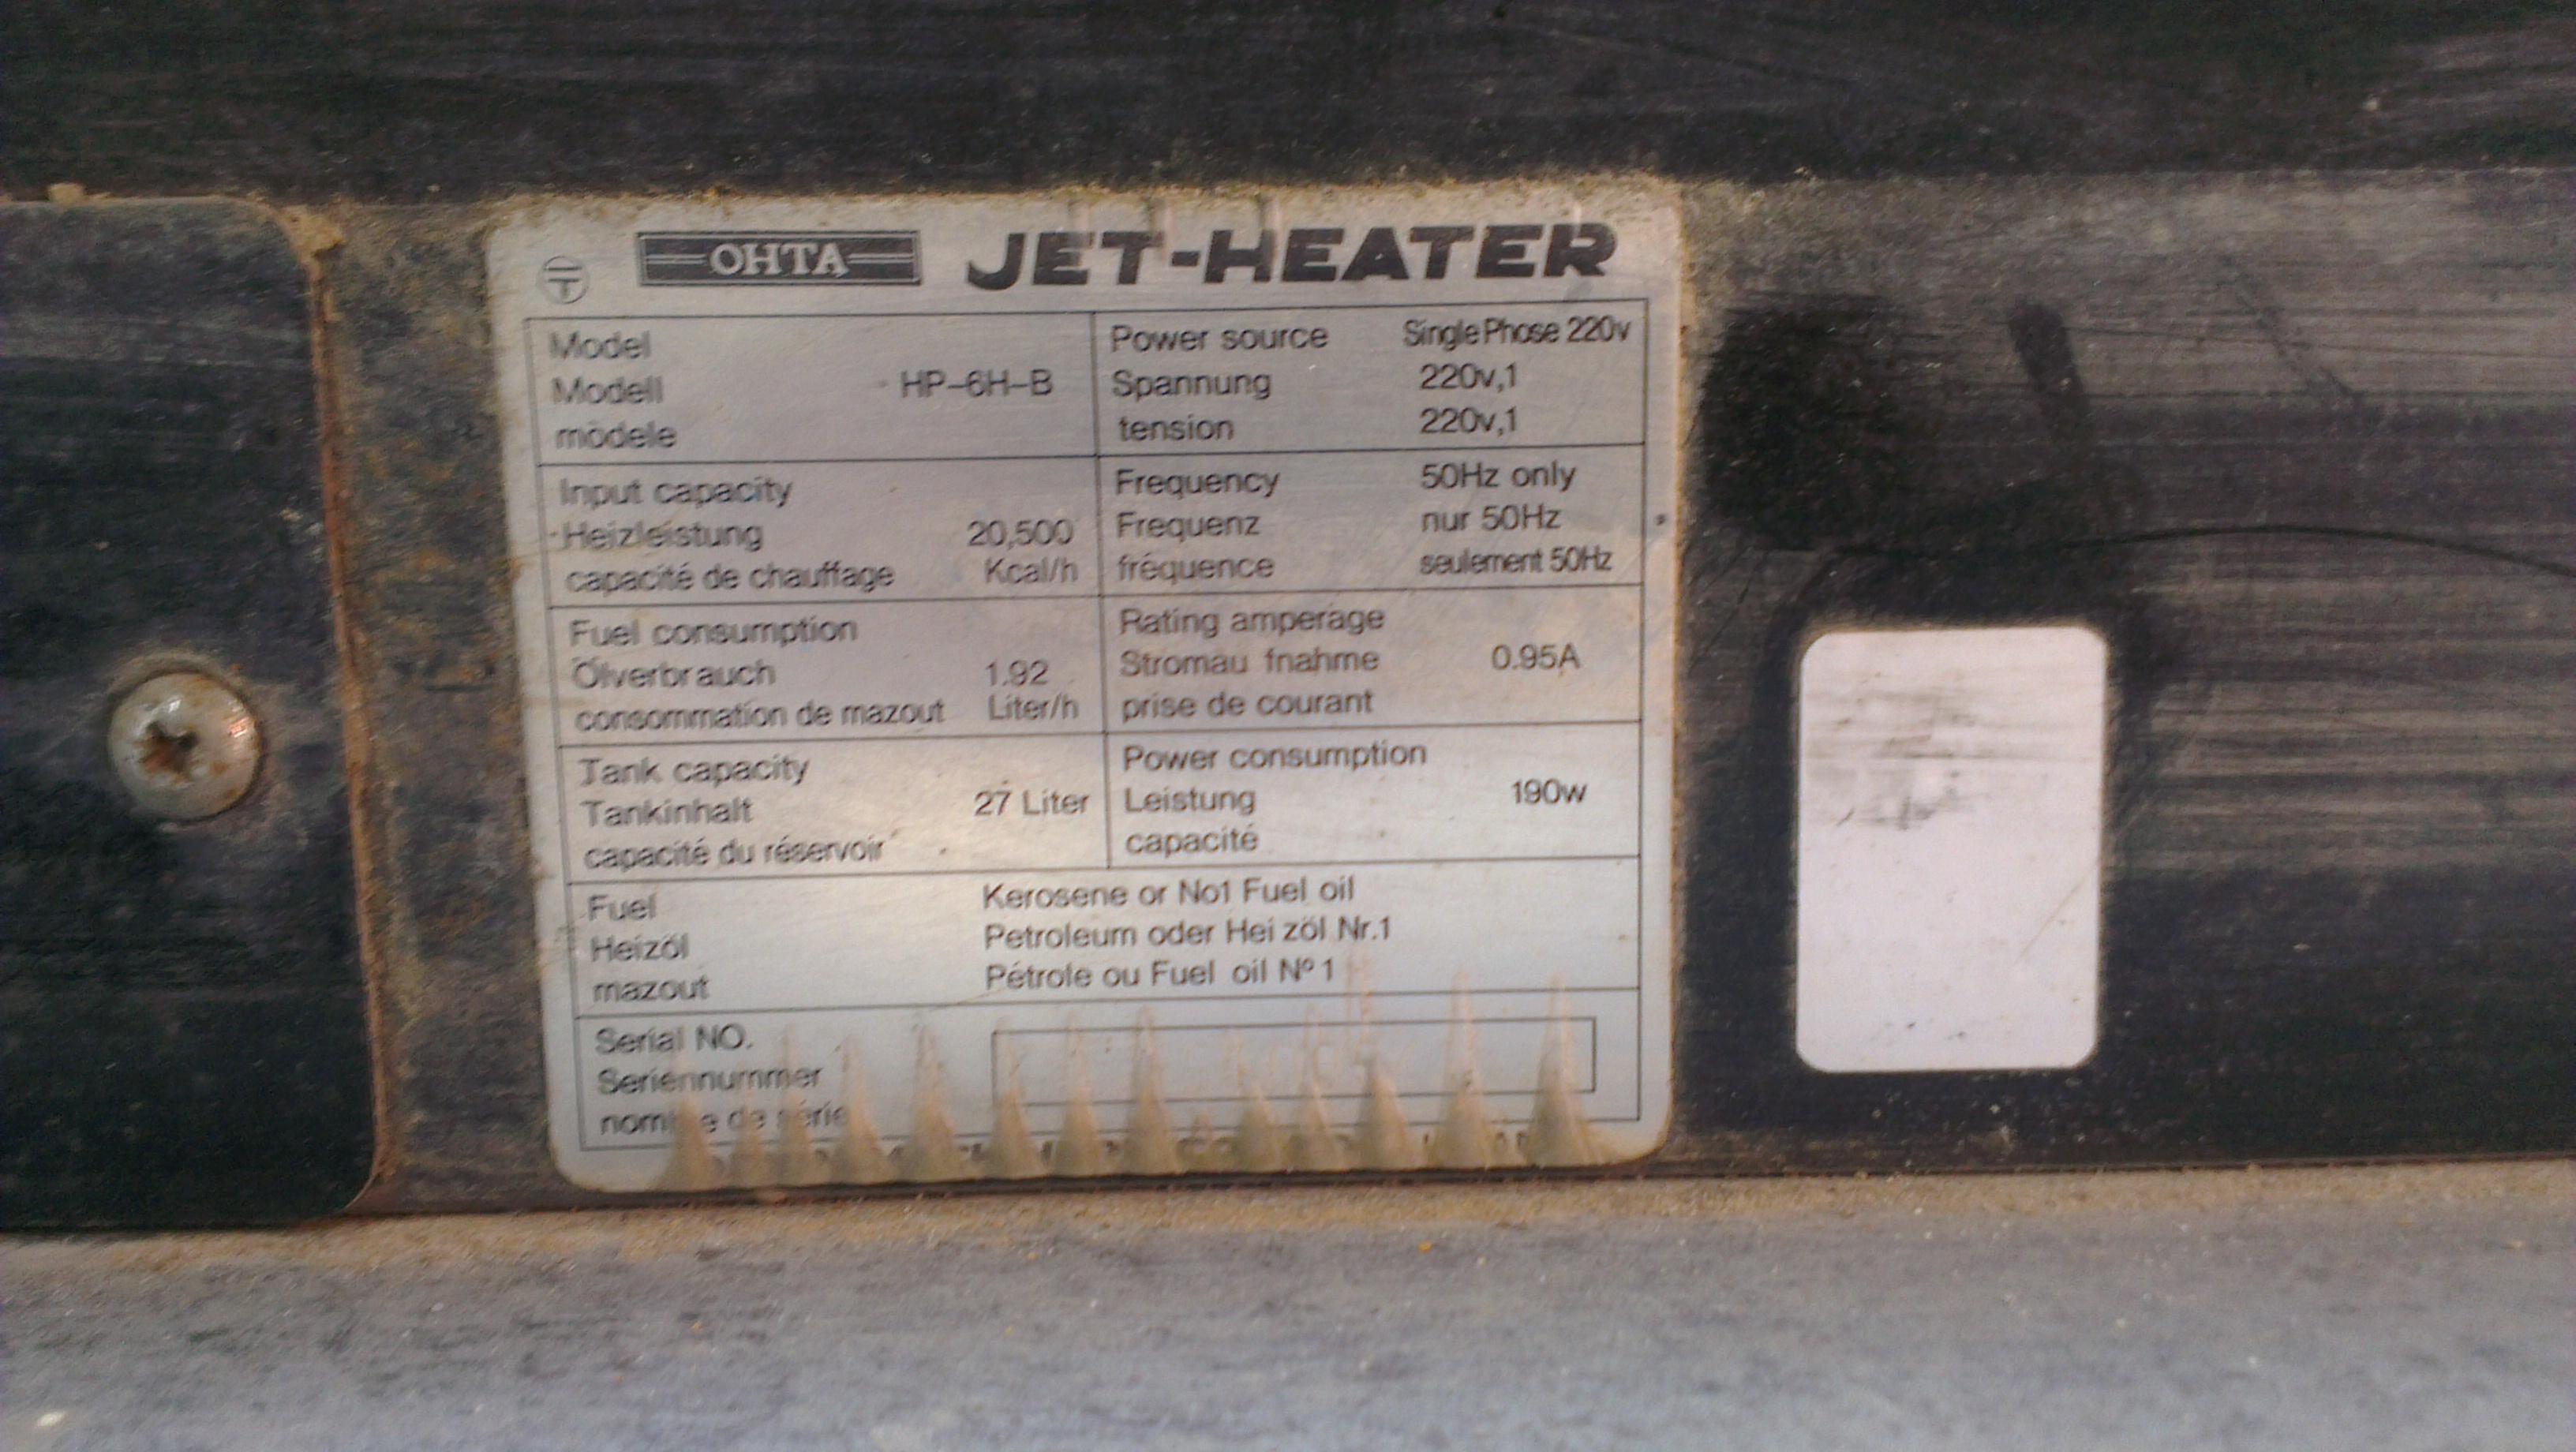 Nagrzewnica OHTA  HP-6H-B - sterowanie nagrzewnic�-uszkodzone? po�amane-niekompl